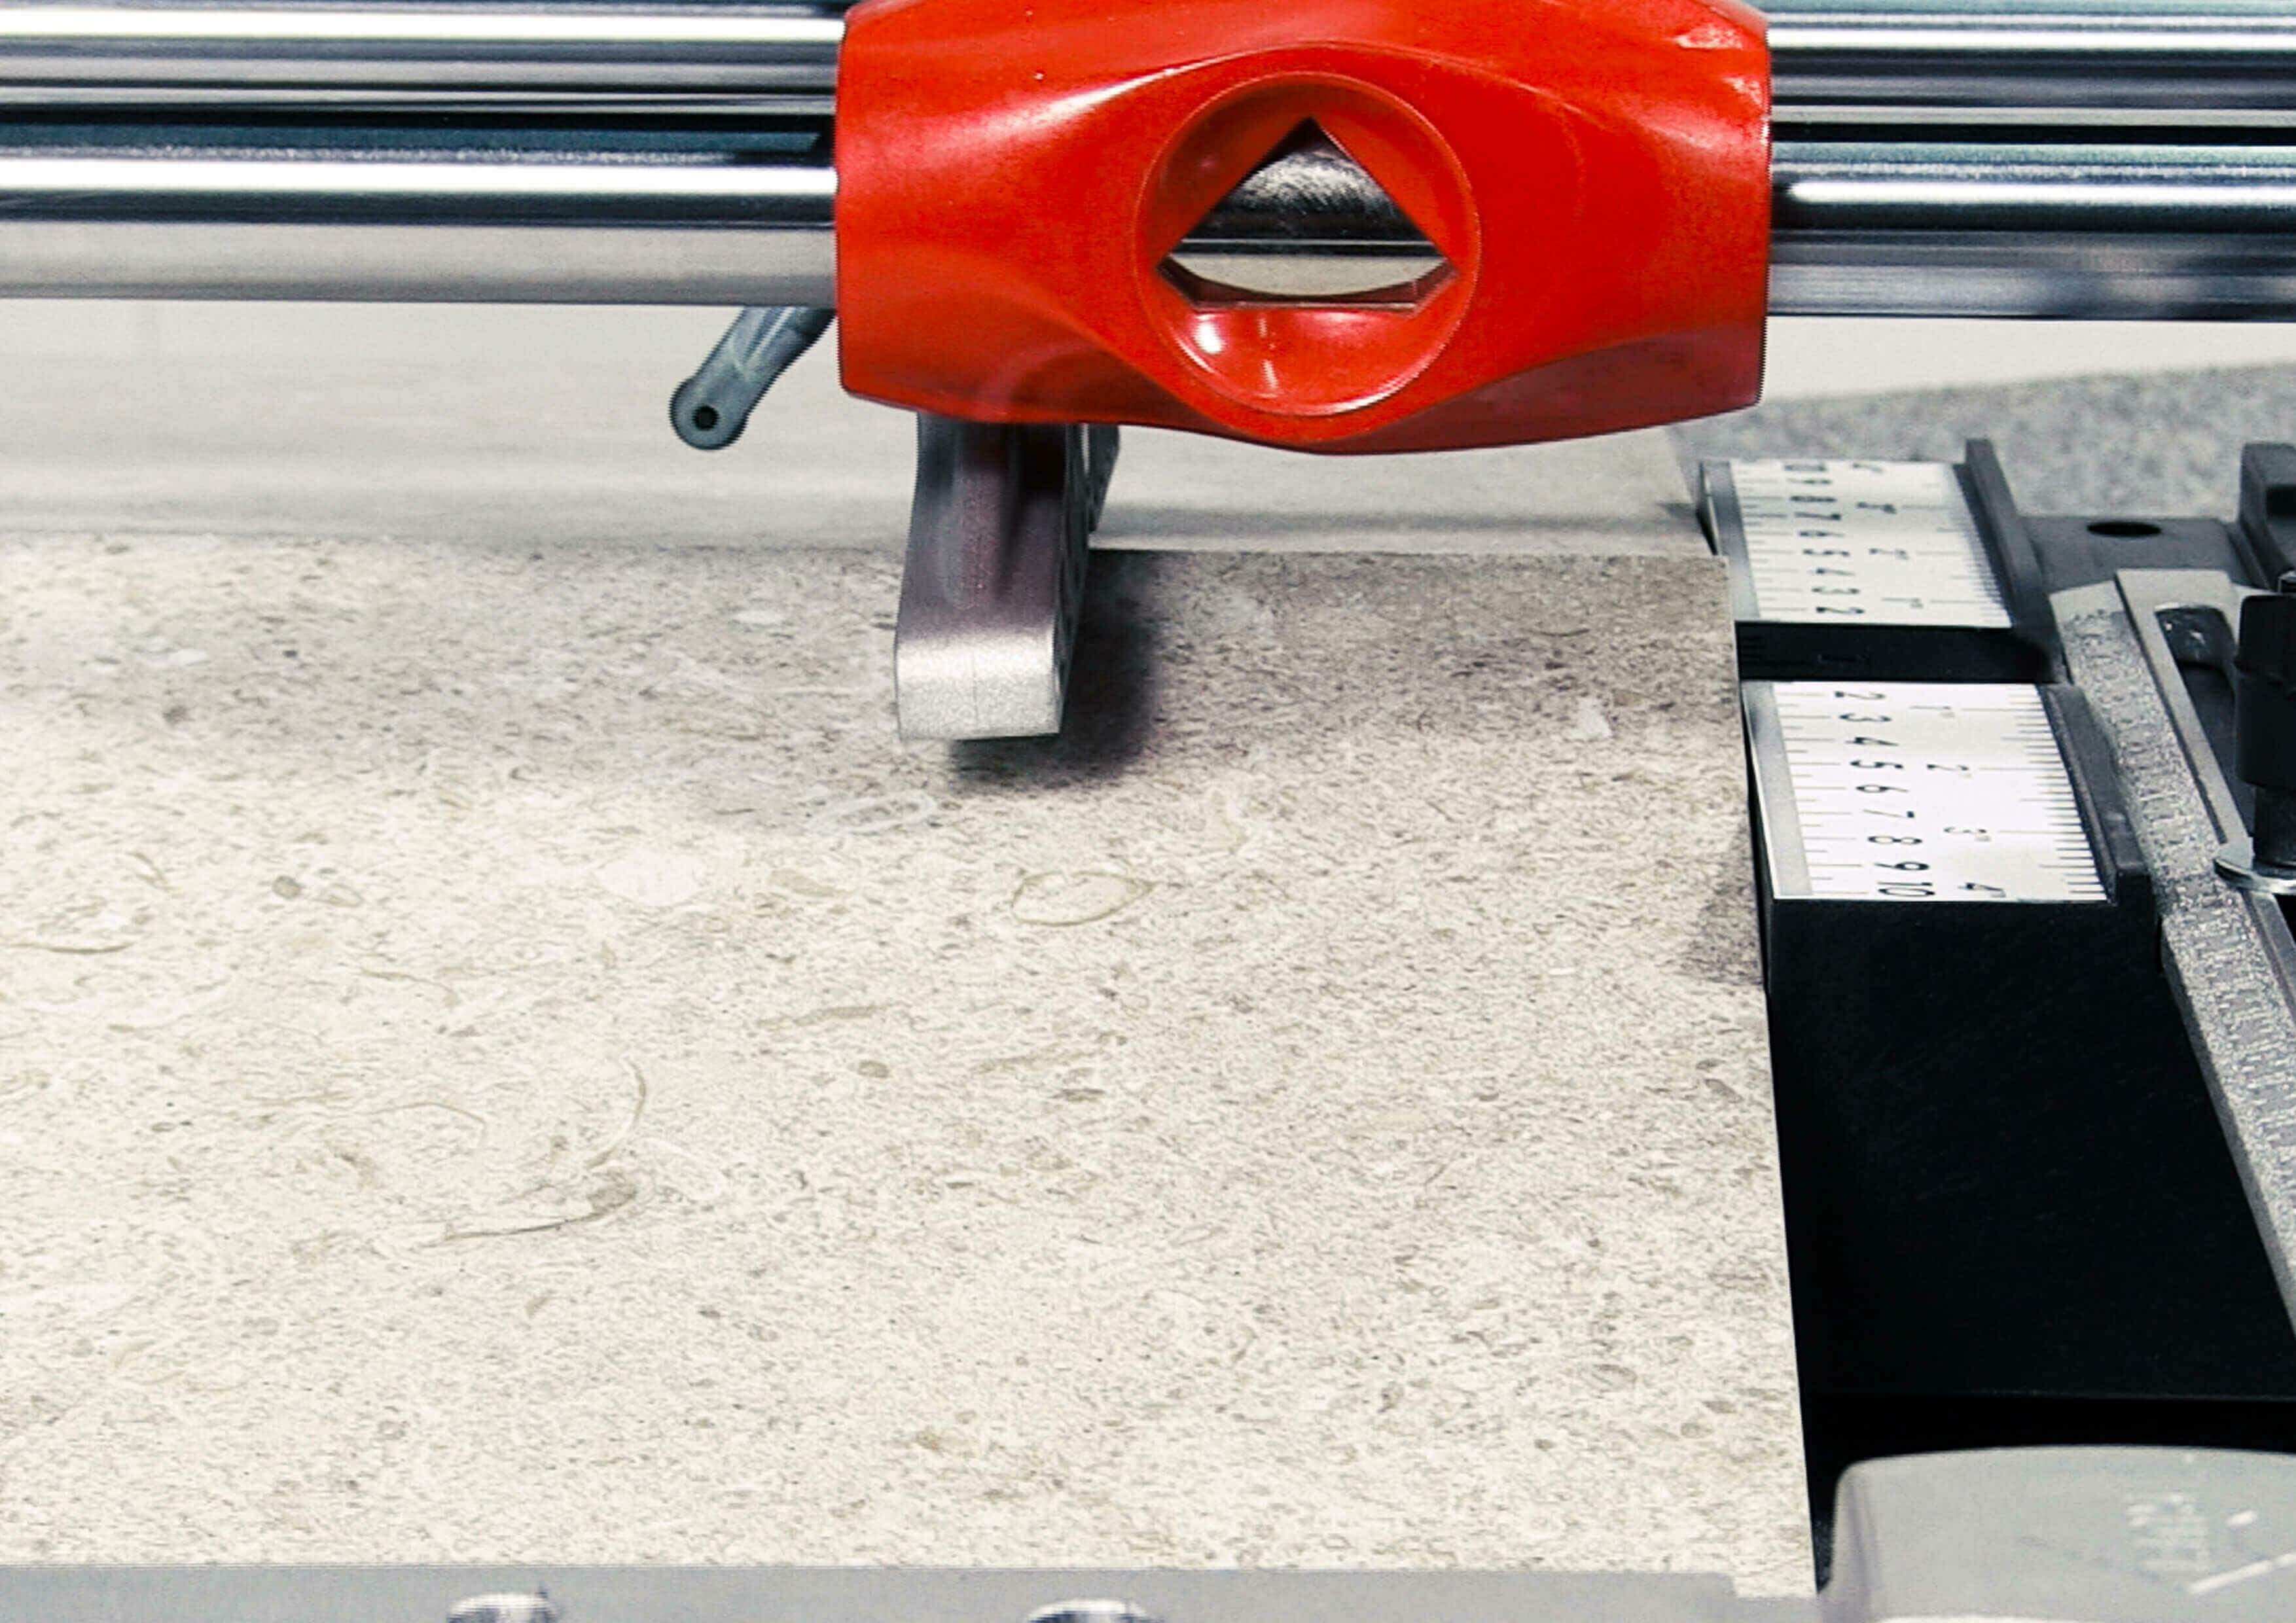 Close-up van een breekvleugel van een tegelsnijder. De tegel die op de tegelsnijplank ligt, is doormidden gebroken.